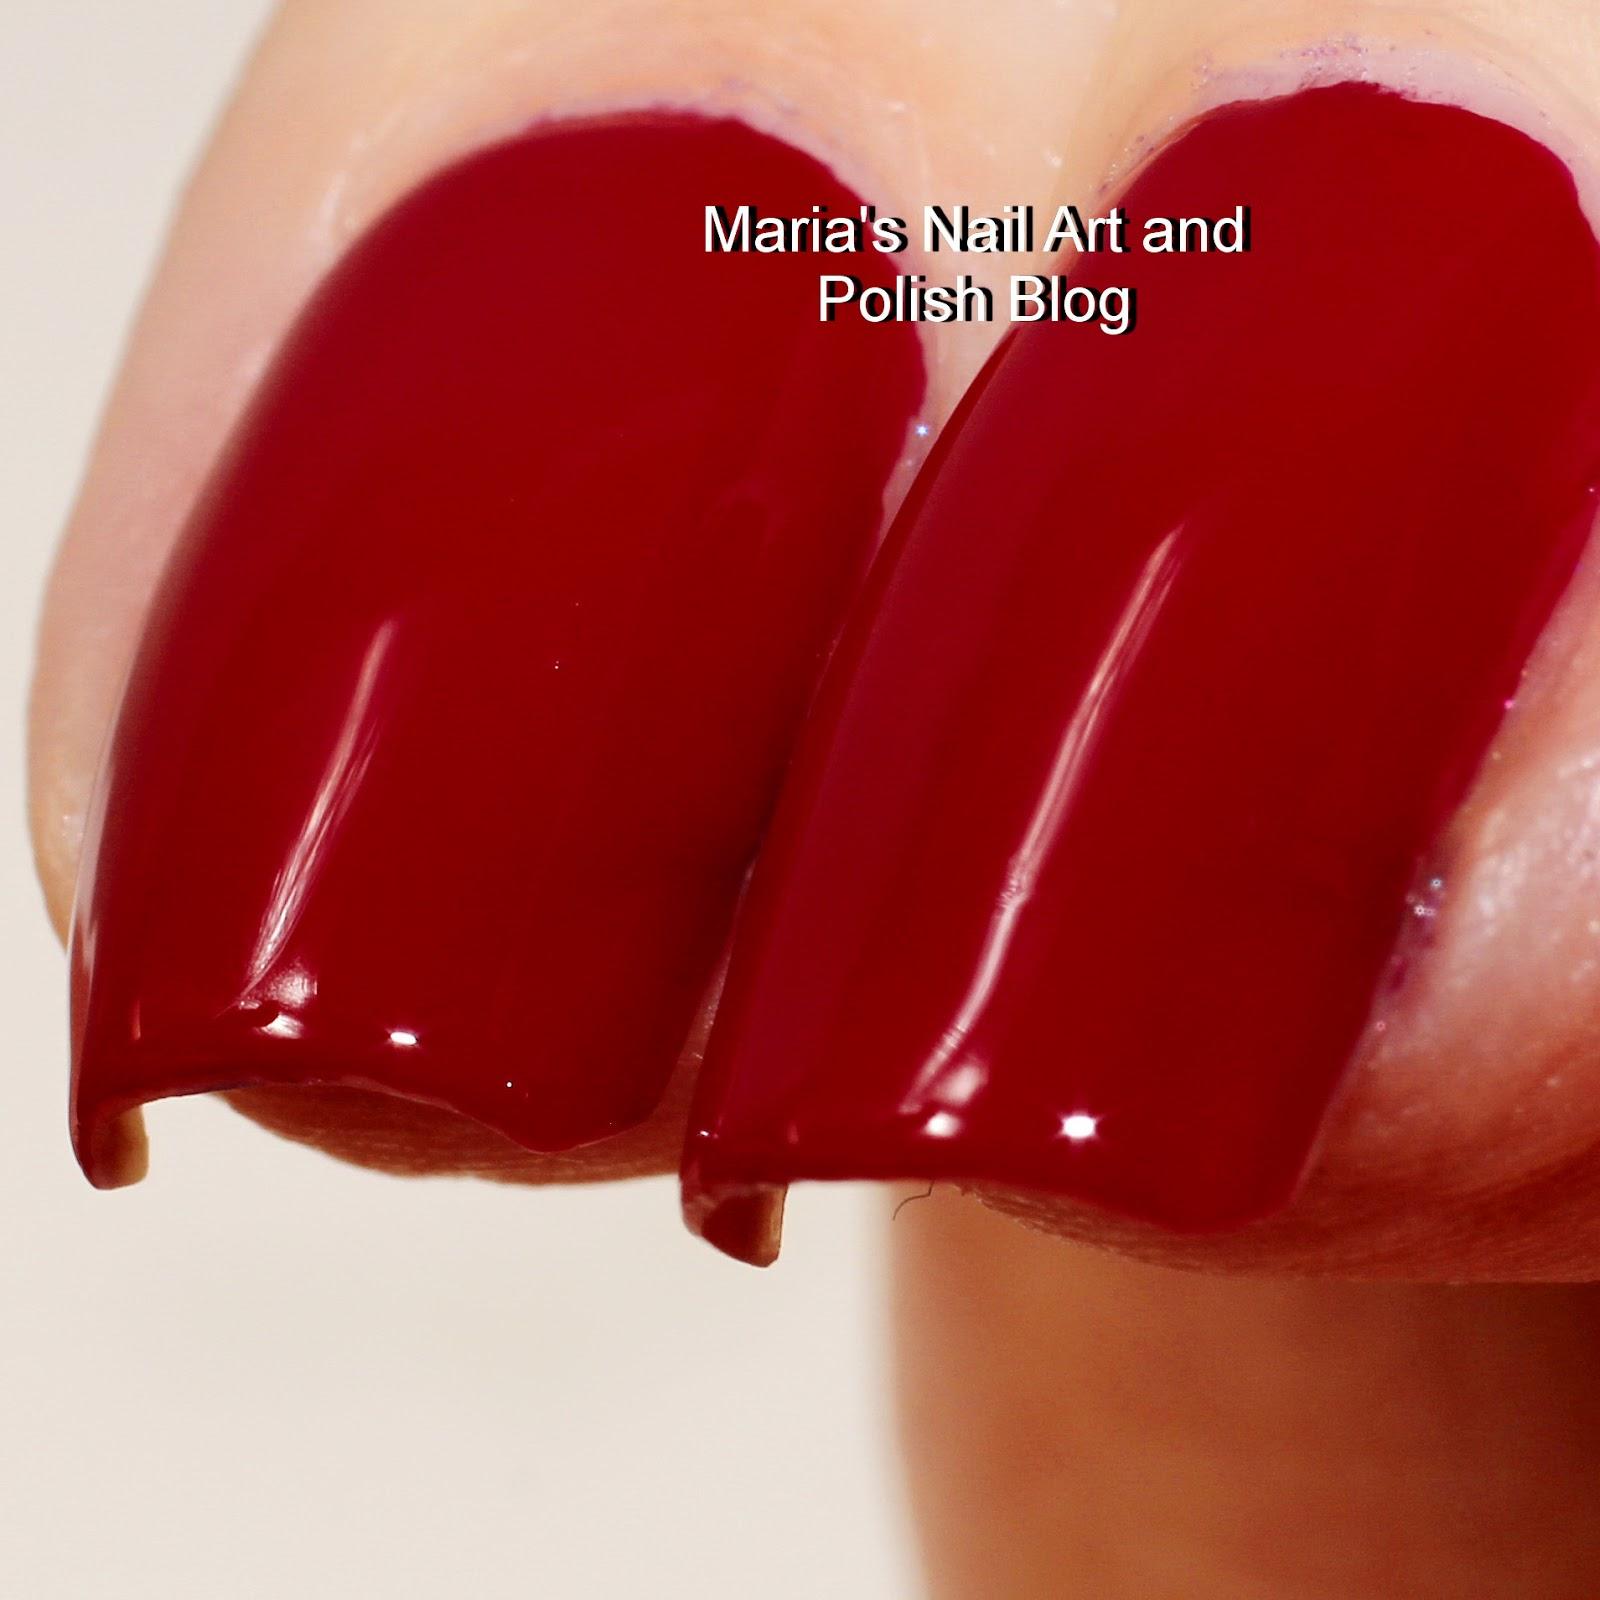 Marias Nail Art and Polish Blog: Enchanted Polish Candy ...